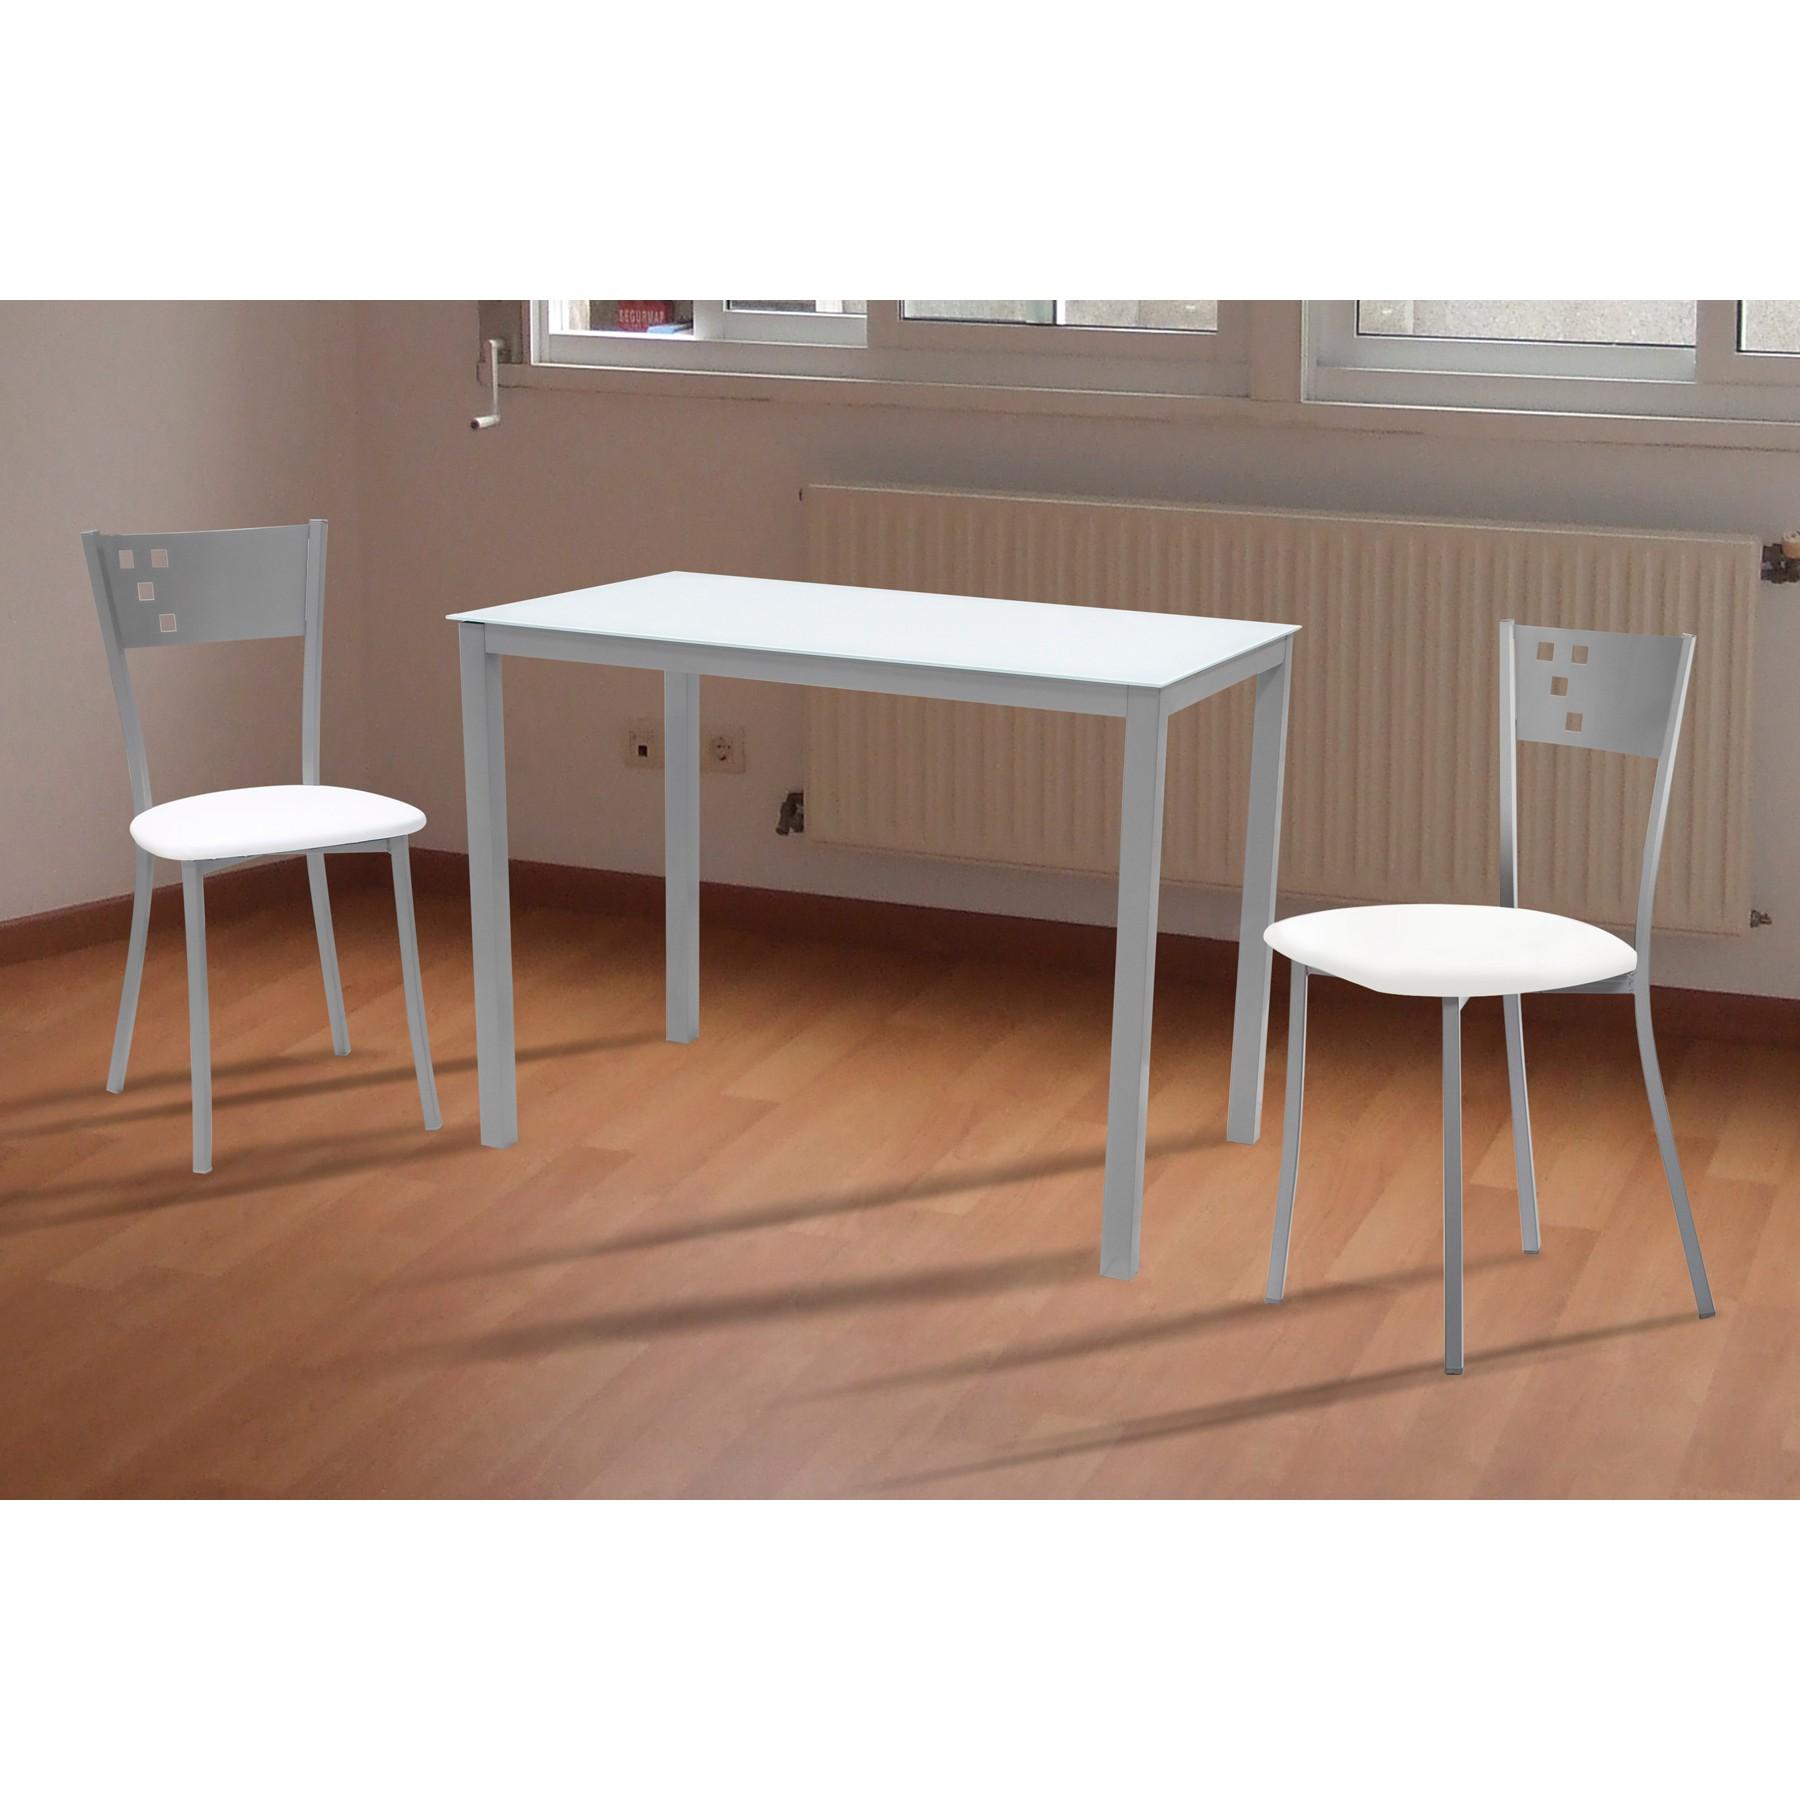 Genial conjunto mesa y sillas comedor baratos im genes for Conjunto mesa y sillas comedor baratas